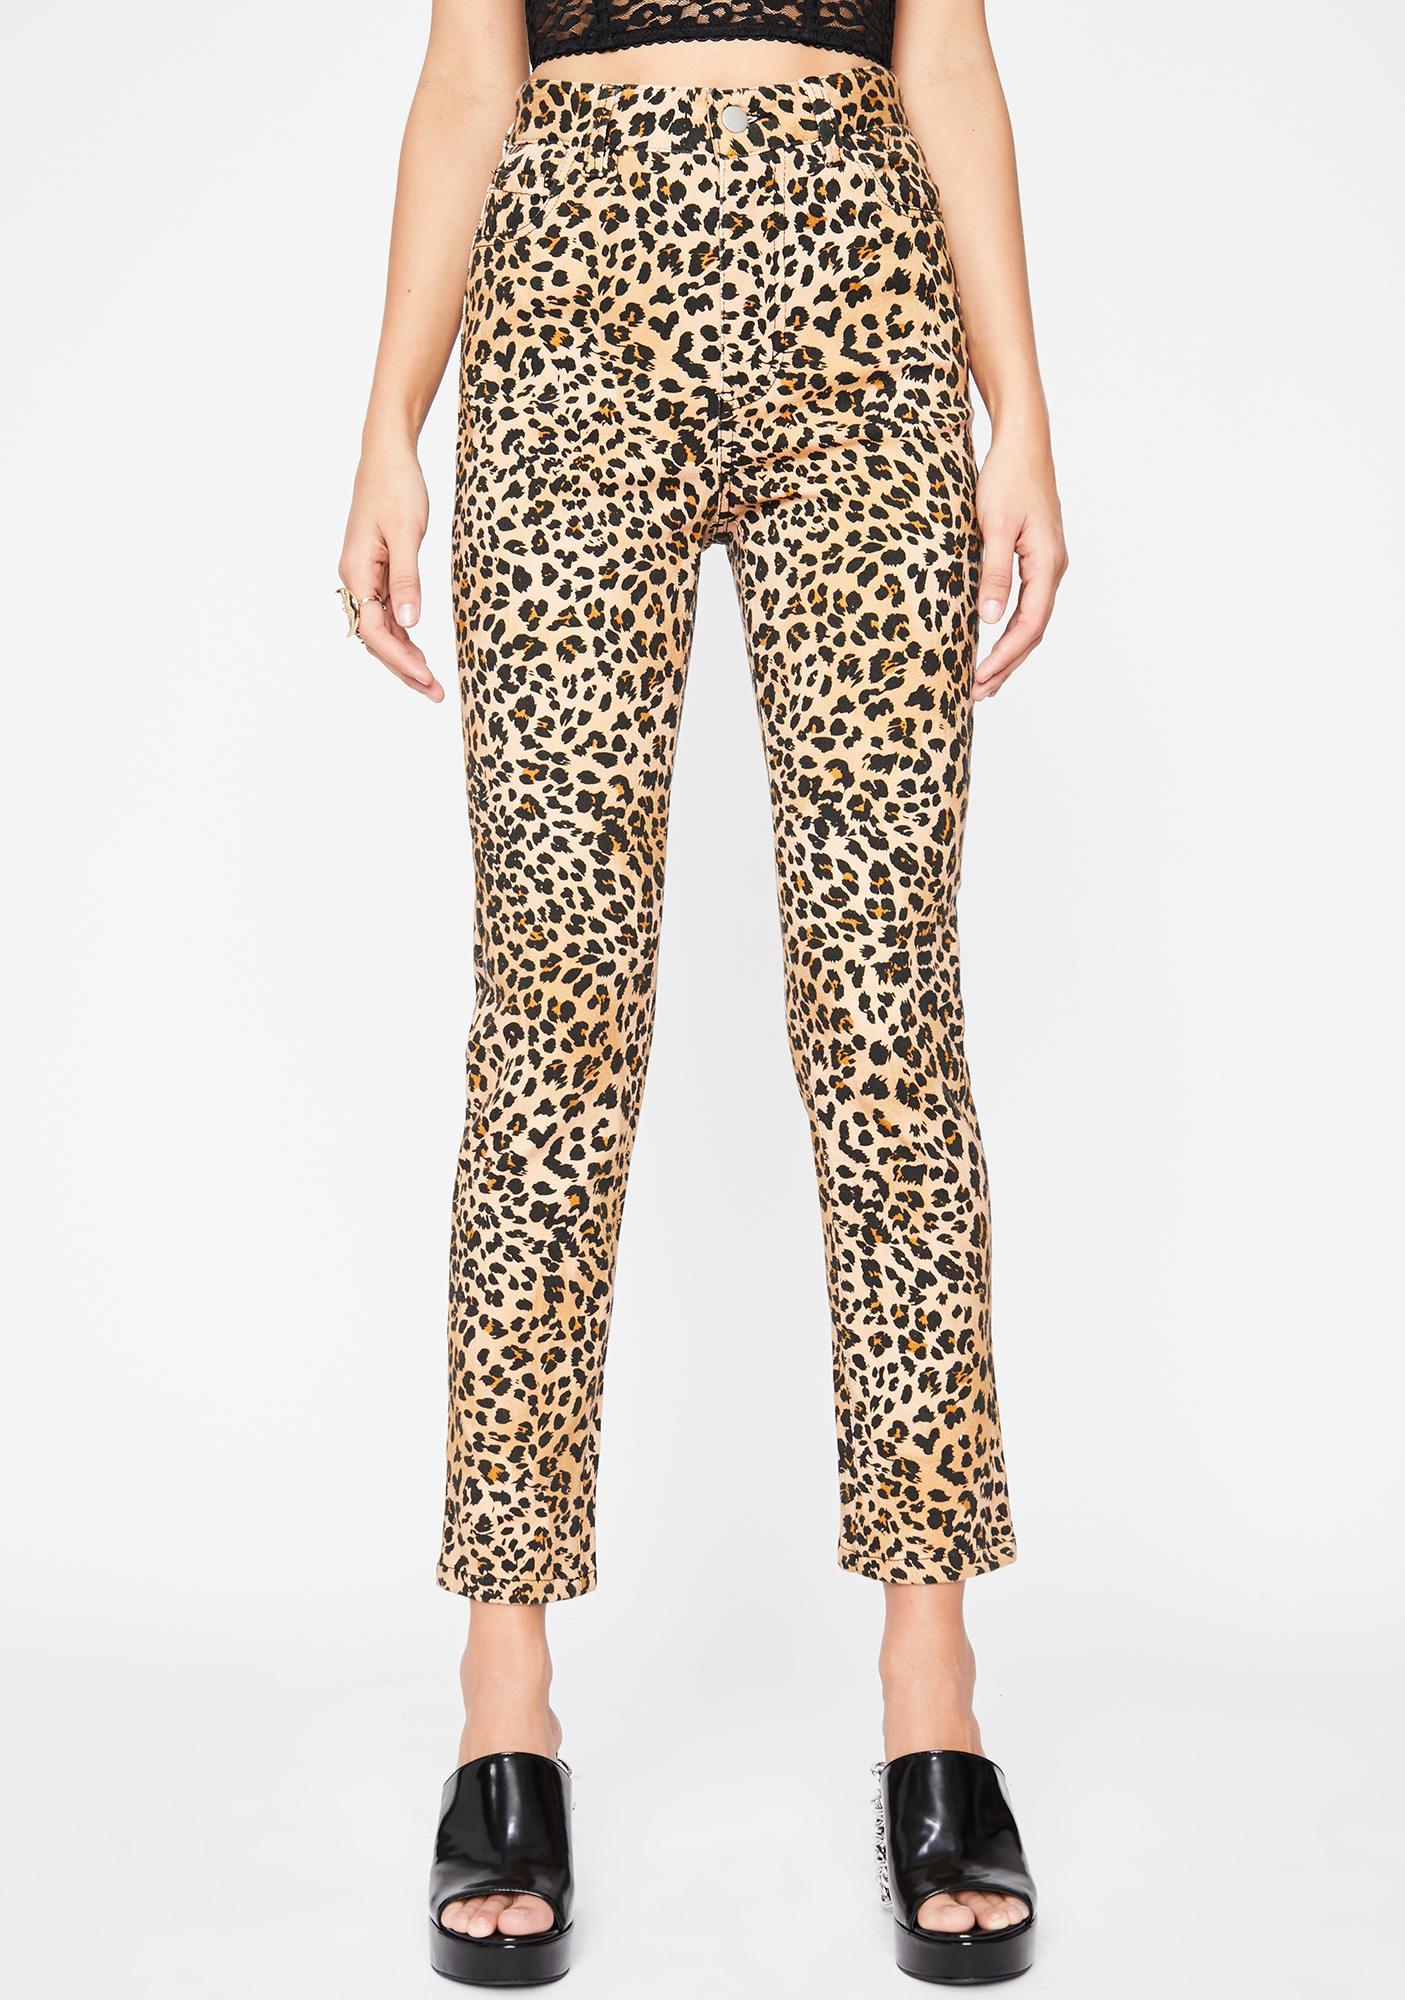 HOROSCOPEZ Stubborn She Cat Skinny Jeans